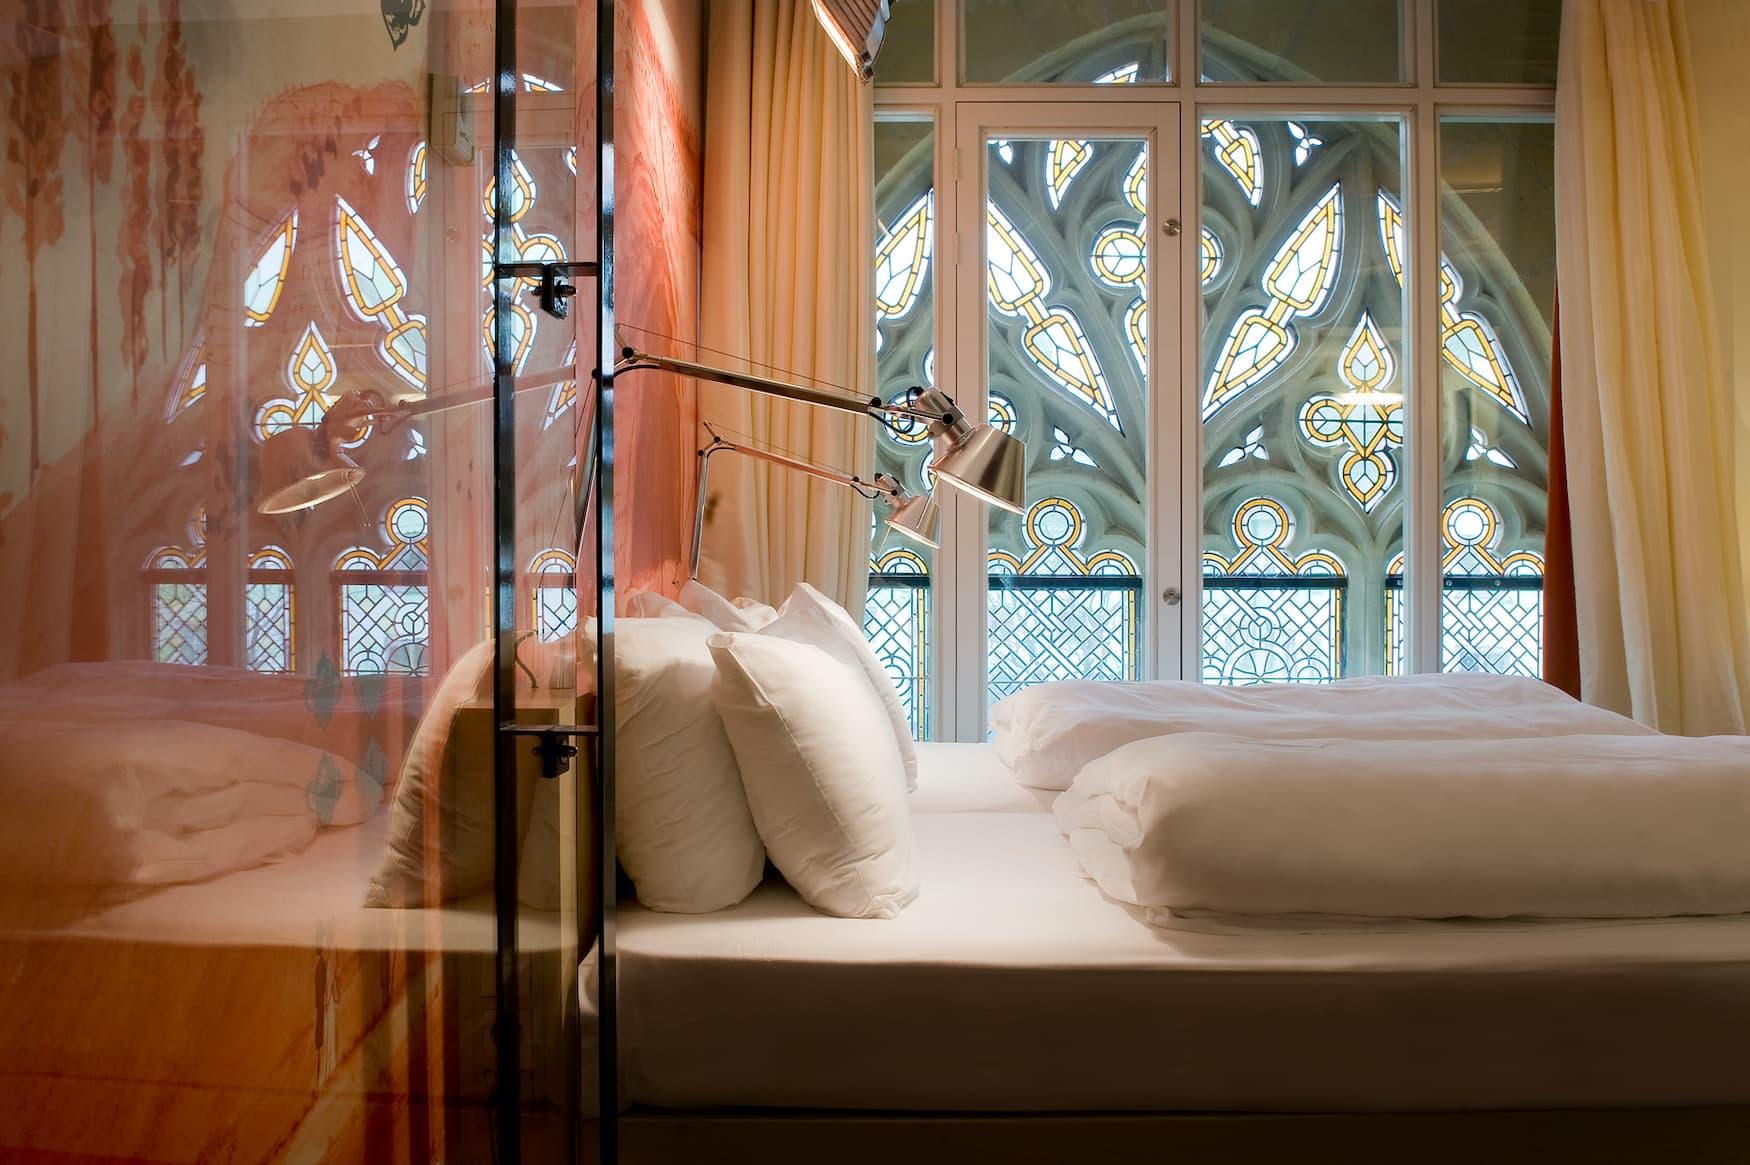 Schlafzimmer im Kruisheren Hotel